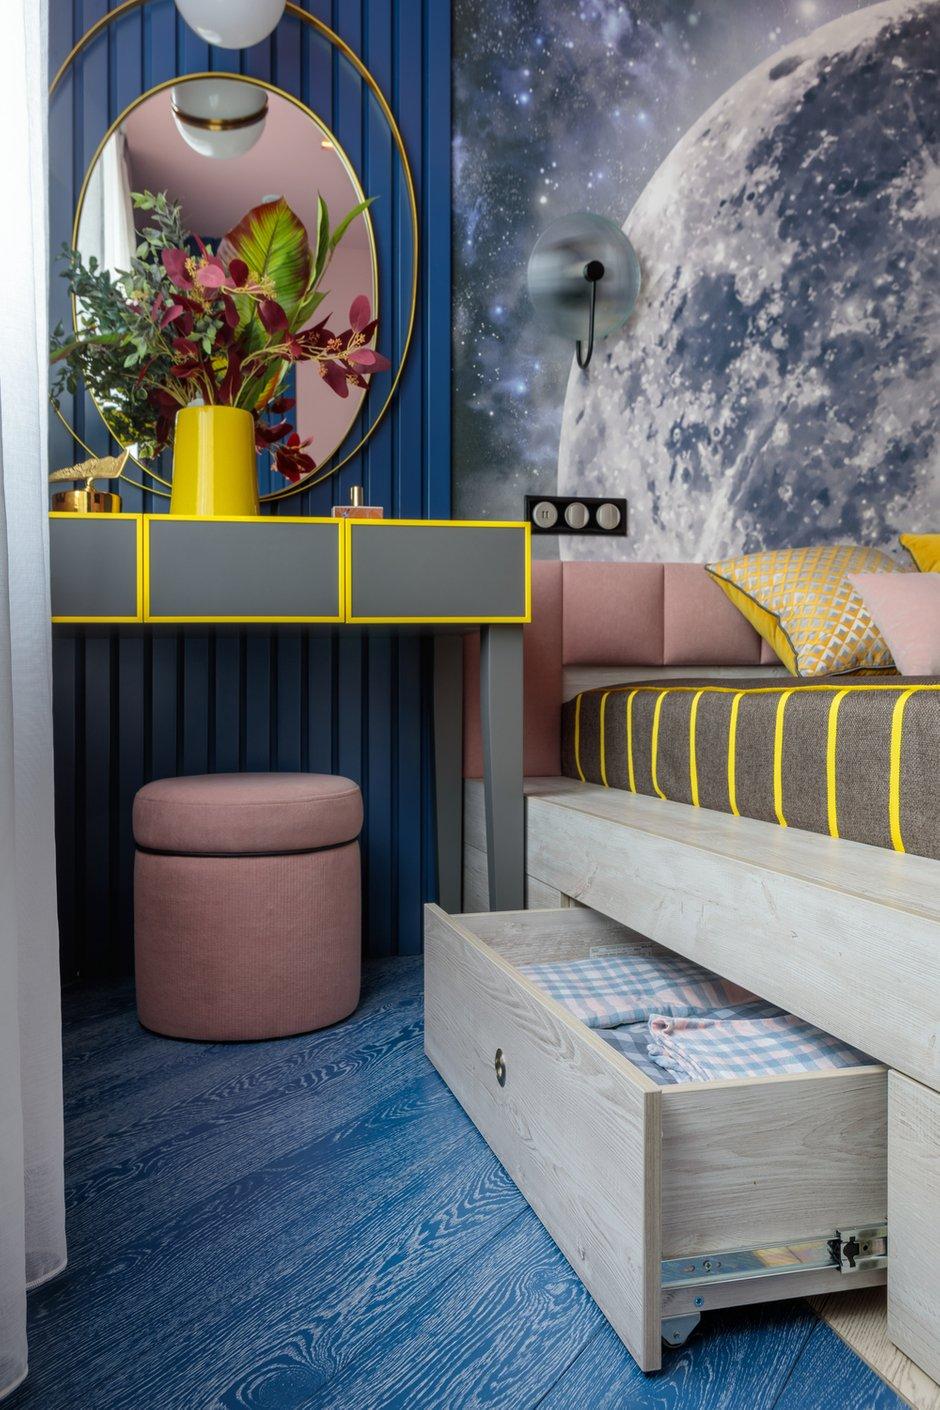 Фотография: Спальня в стиле Современный, Эклектика, Квартира, Проект недели, Москва, 3 комнаты, 60-90 метров, Алена Горская – фото на INMYROOM